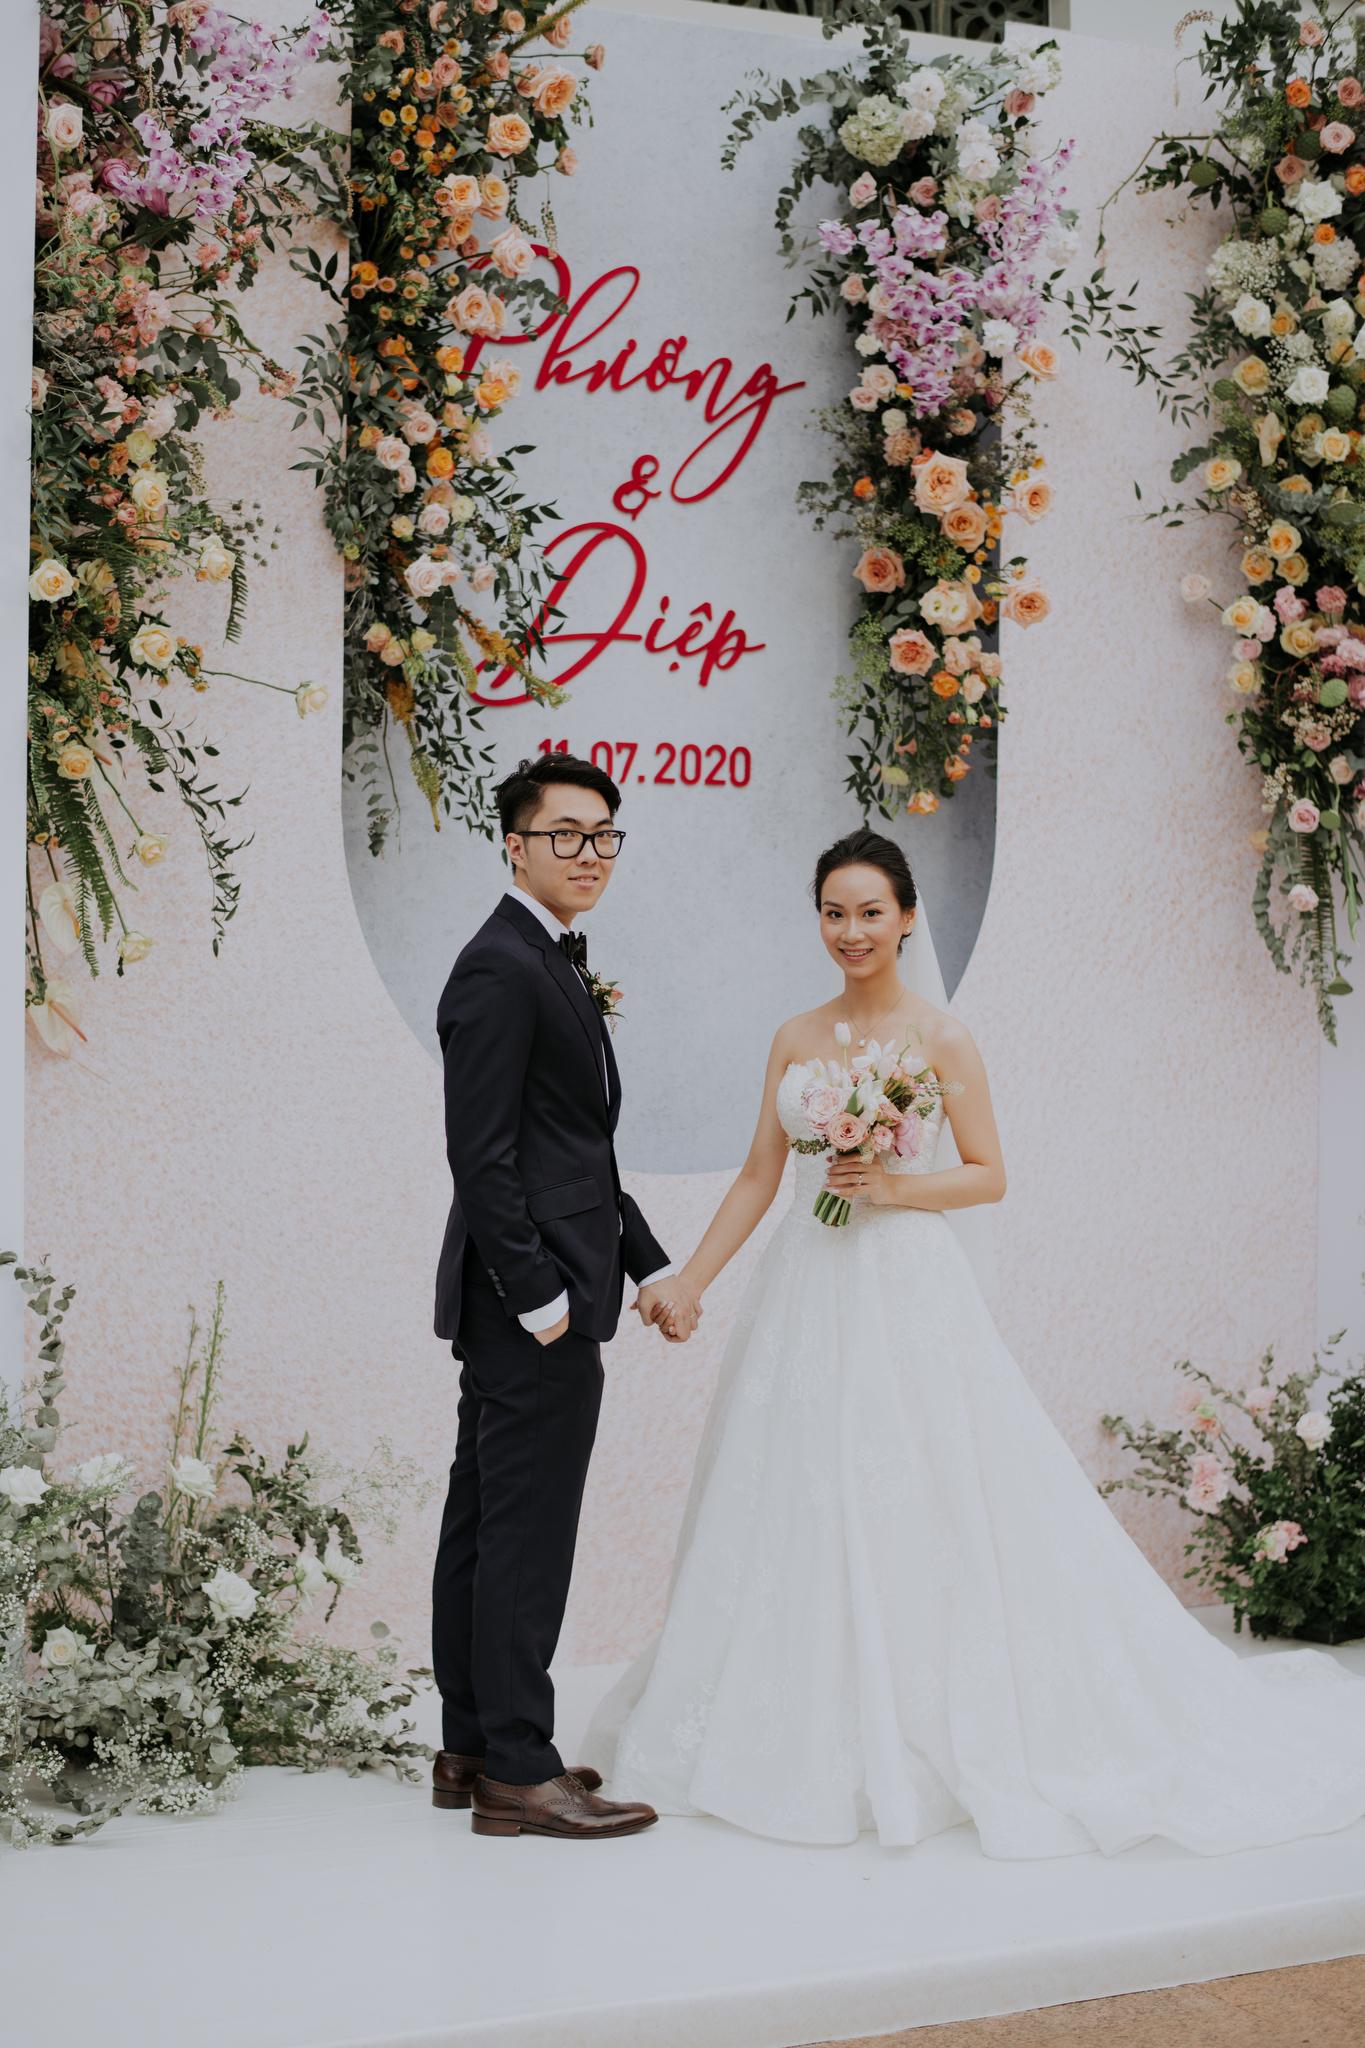 https://huk.s3.amazonaws.com/uploads/image/source/1436/Phuong-Diep-HN-Ceremony-2-0056.JPG